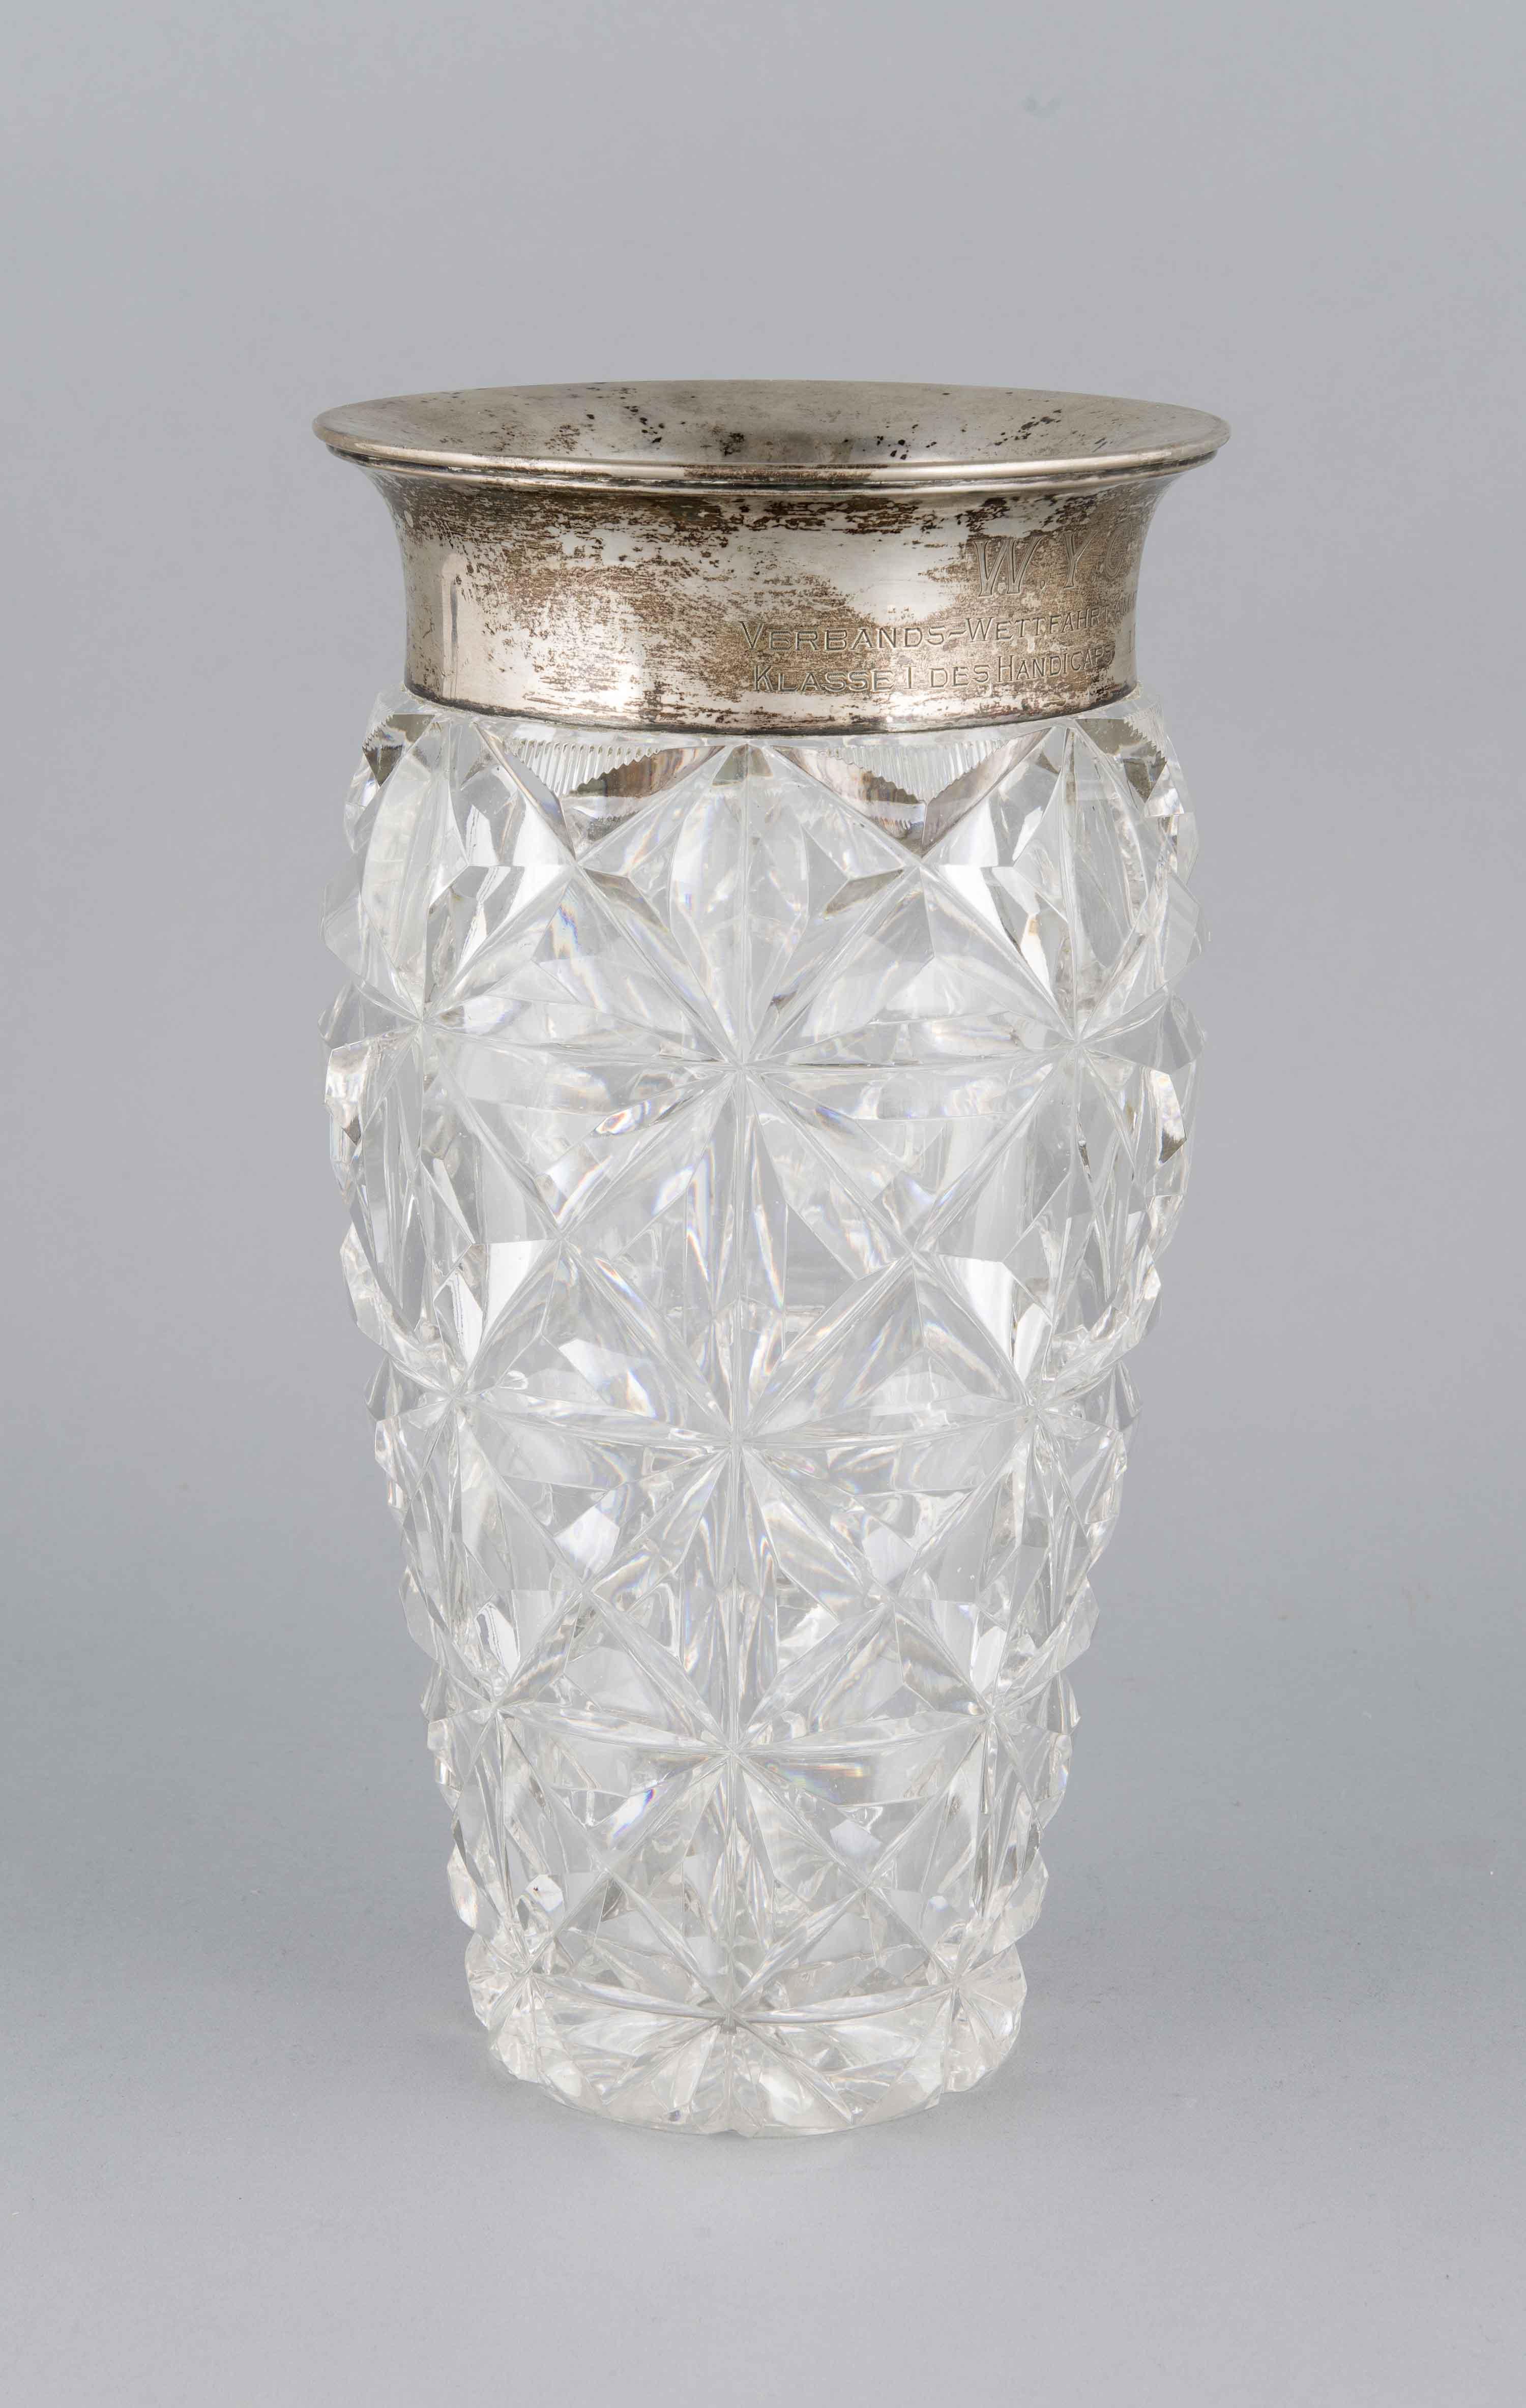 Kristallvase mit Silberrandmontage, Deutsch, Anf